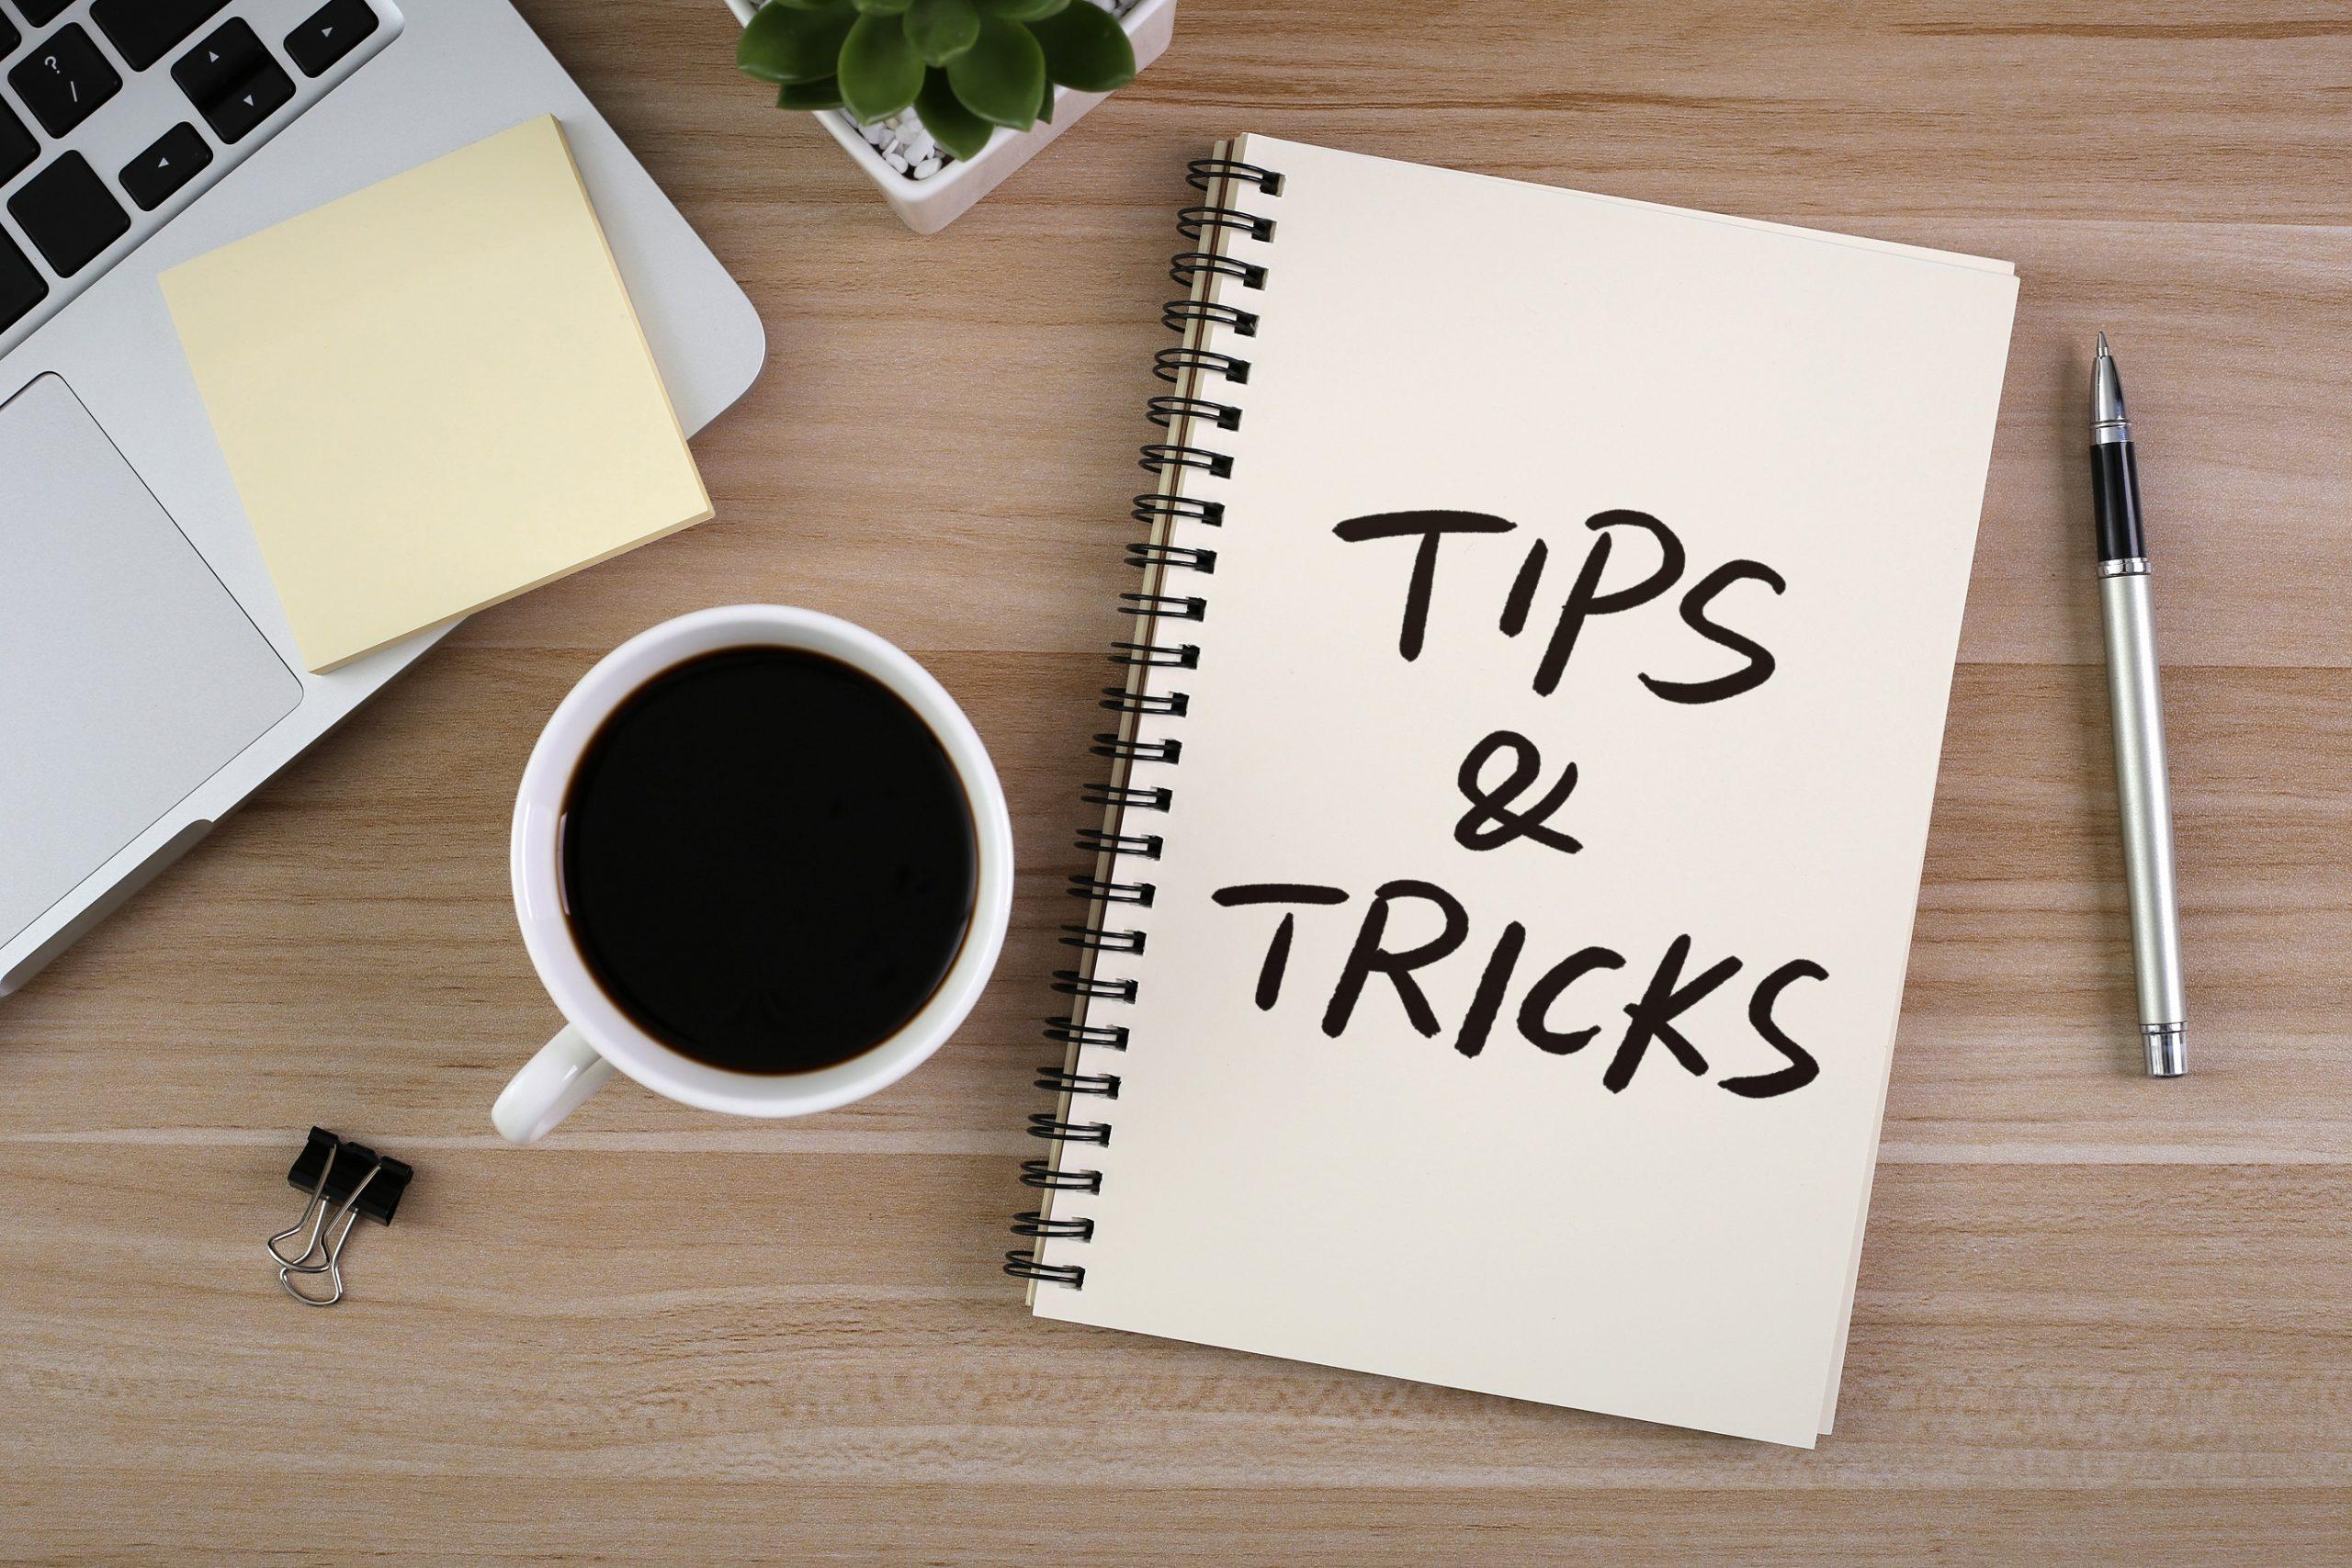 tips & tricks notepad